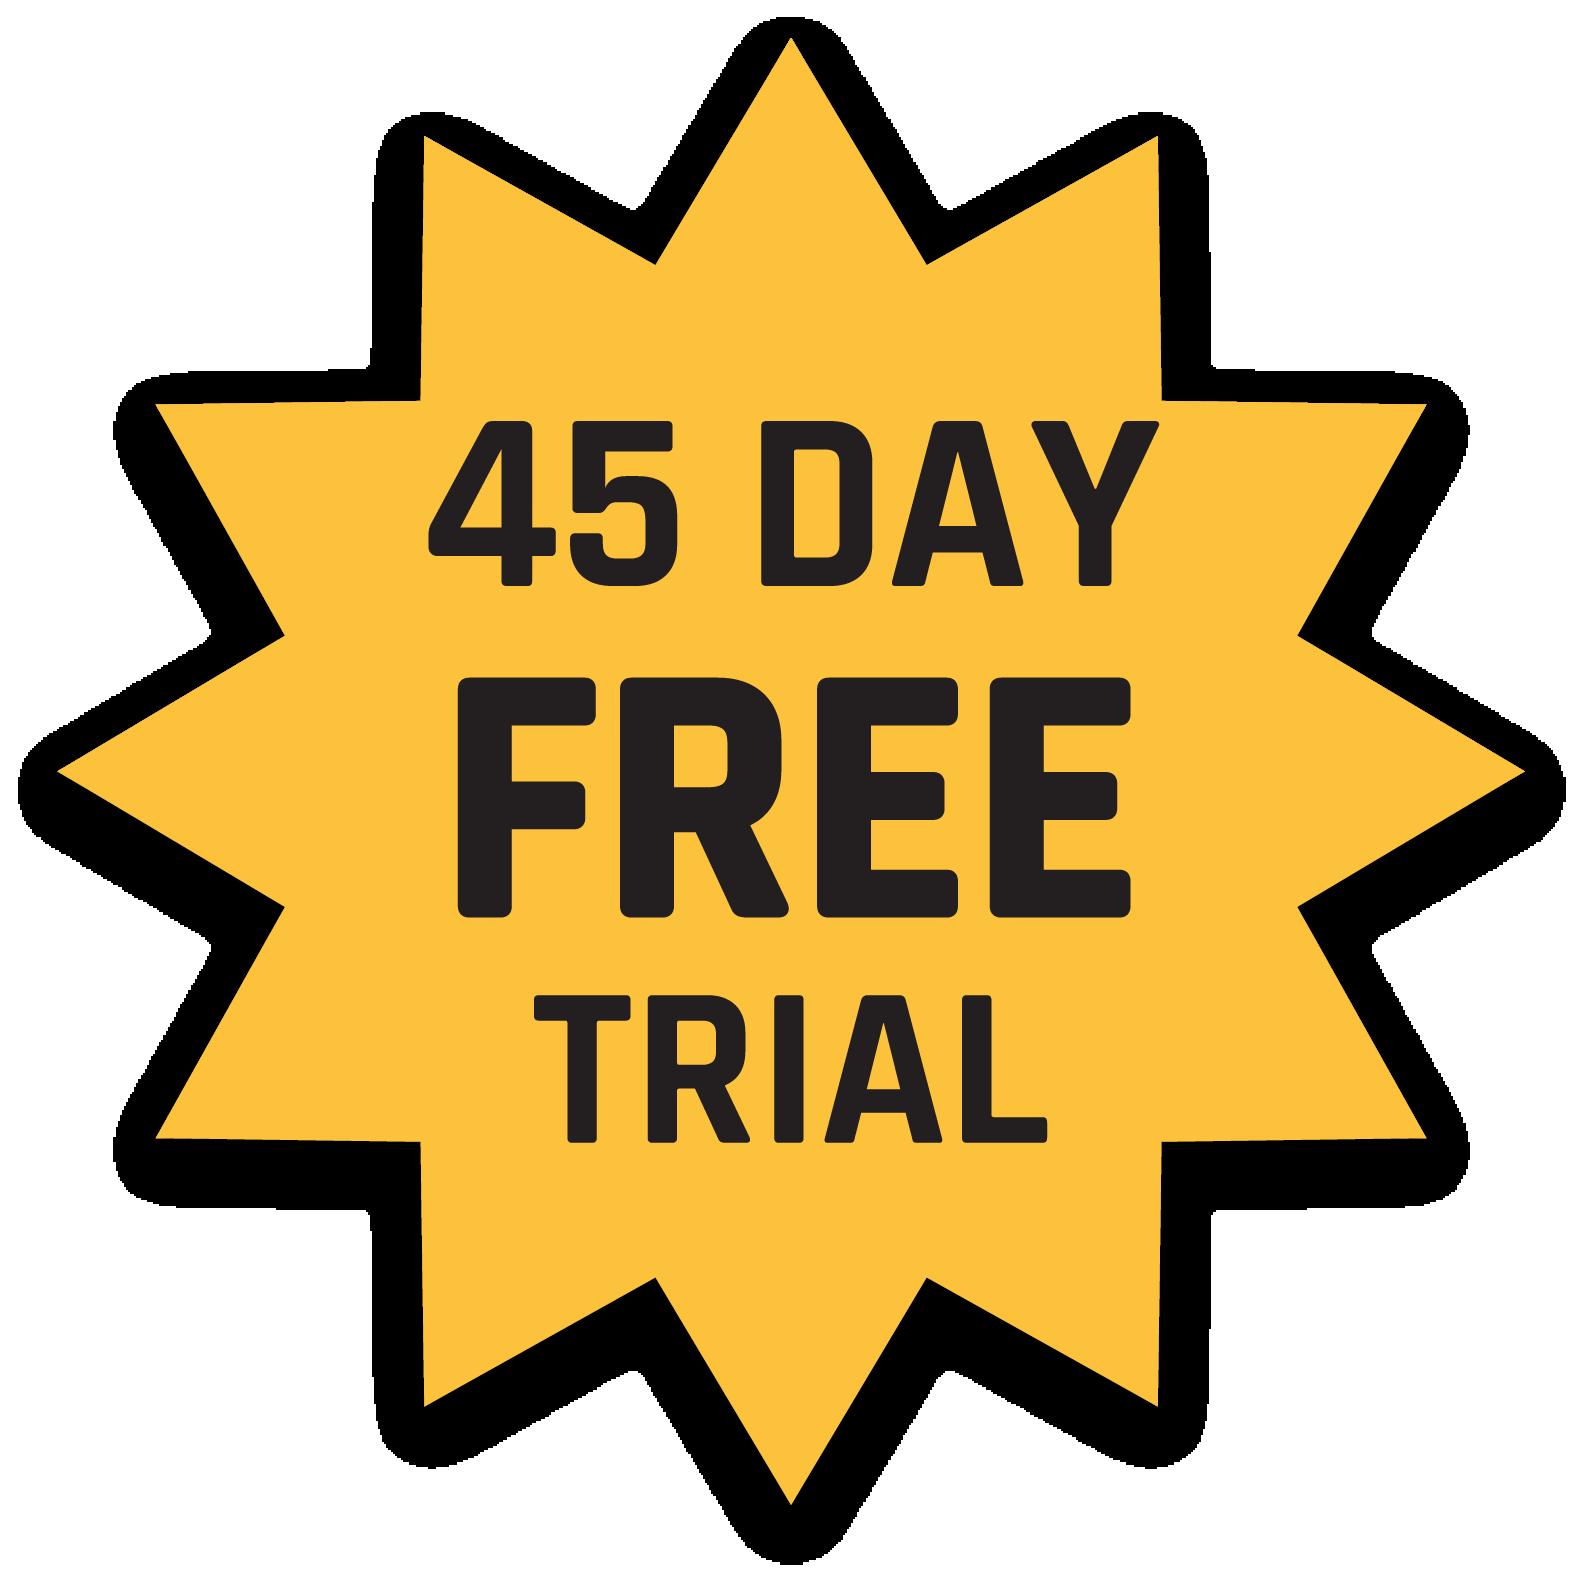 uexcavate 45 day free trial